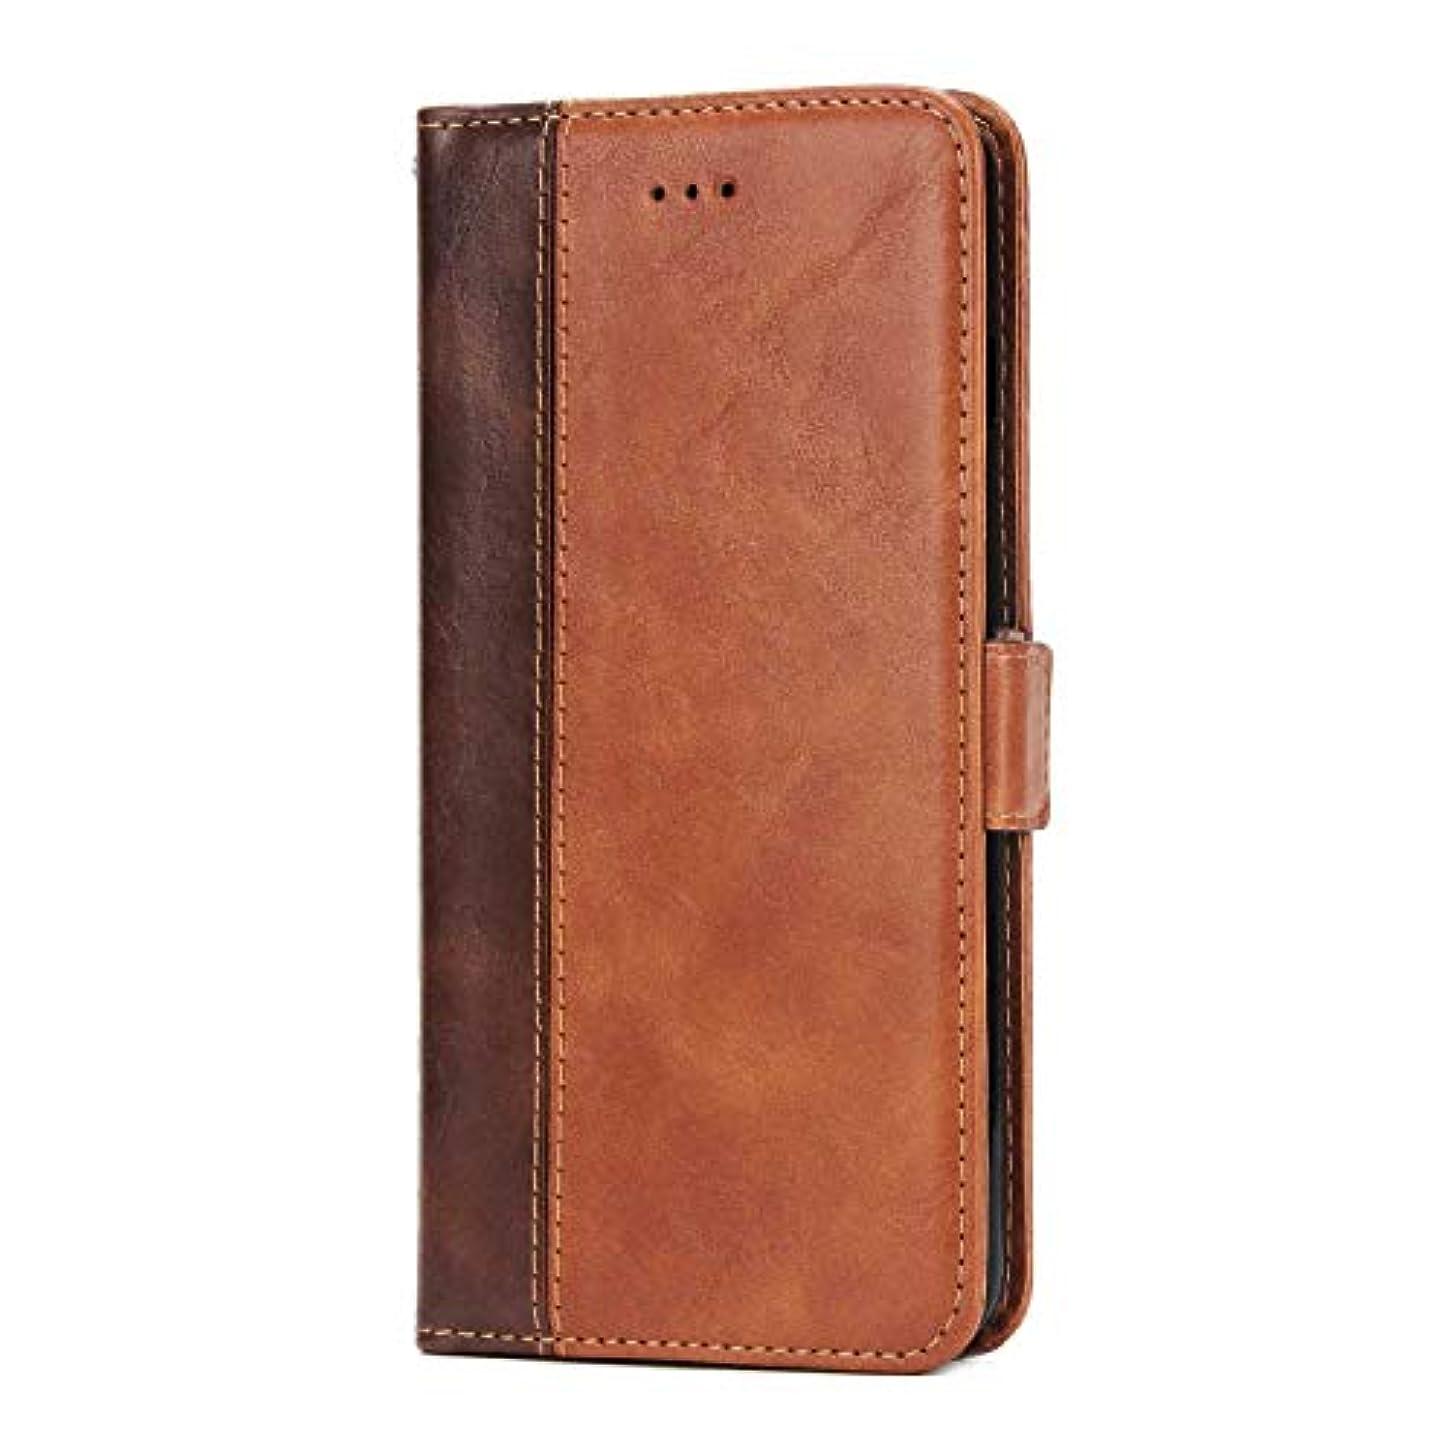 ライセンスそれぞれ苦味OMATENTI Huawei P20 Pro 手帳ケース マグネット式 カバー Huawei P20 Pro 高級PUレザー カードポケット スタンド機能 薄型 スマホケース(4-ブラウン)